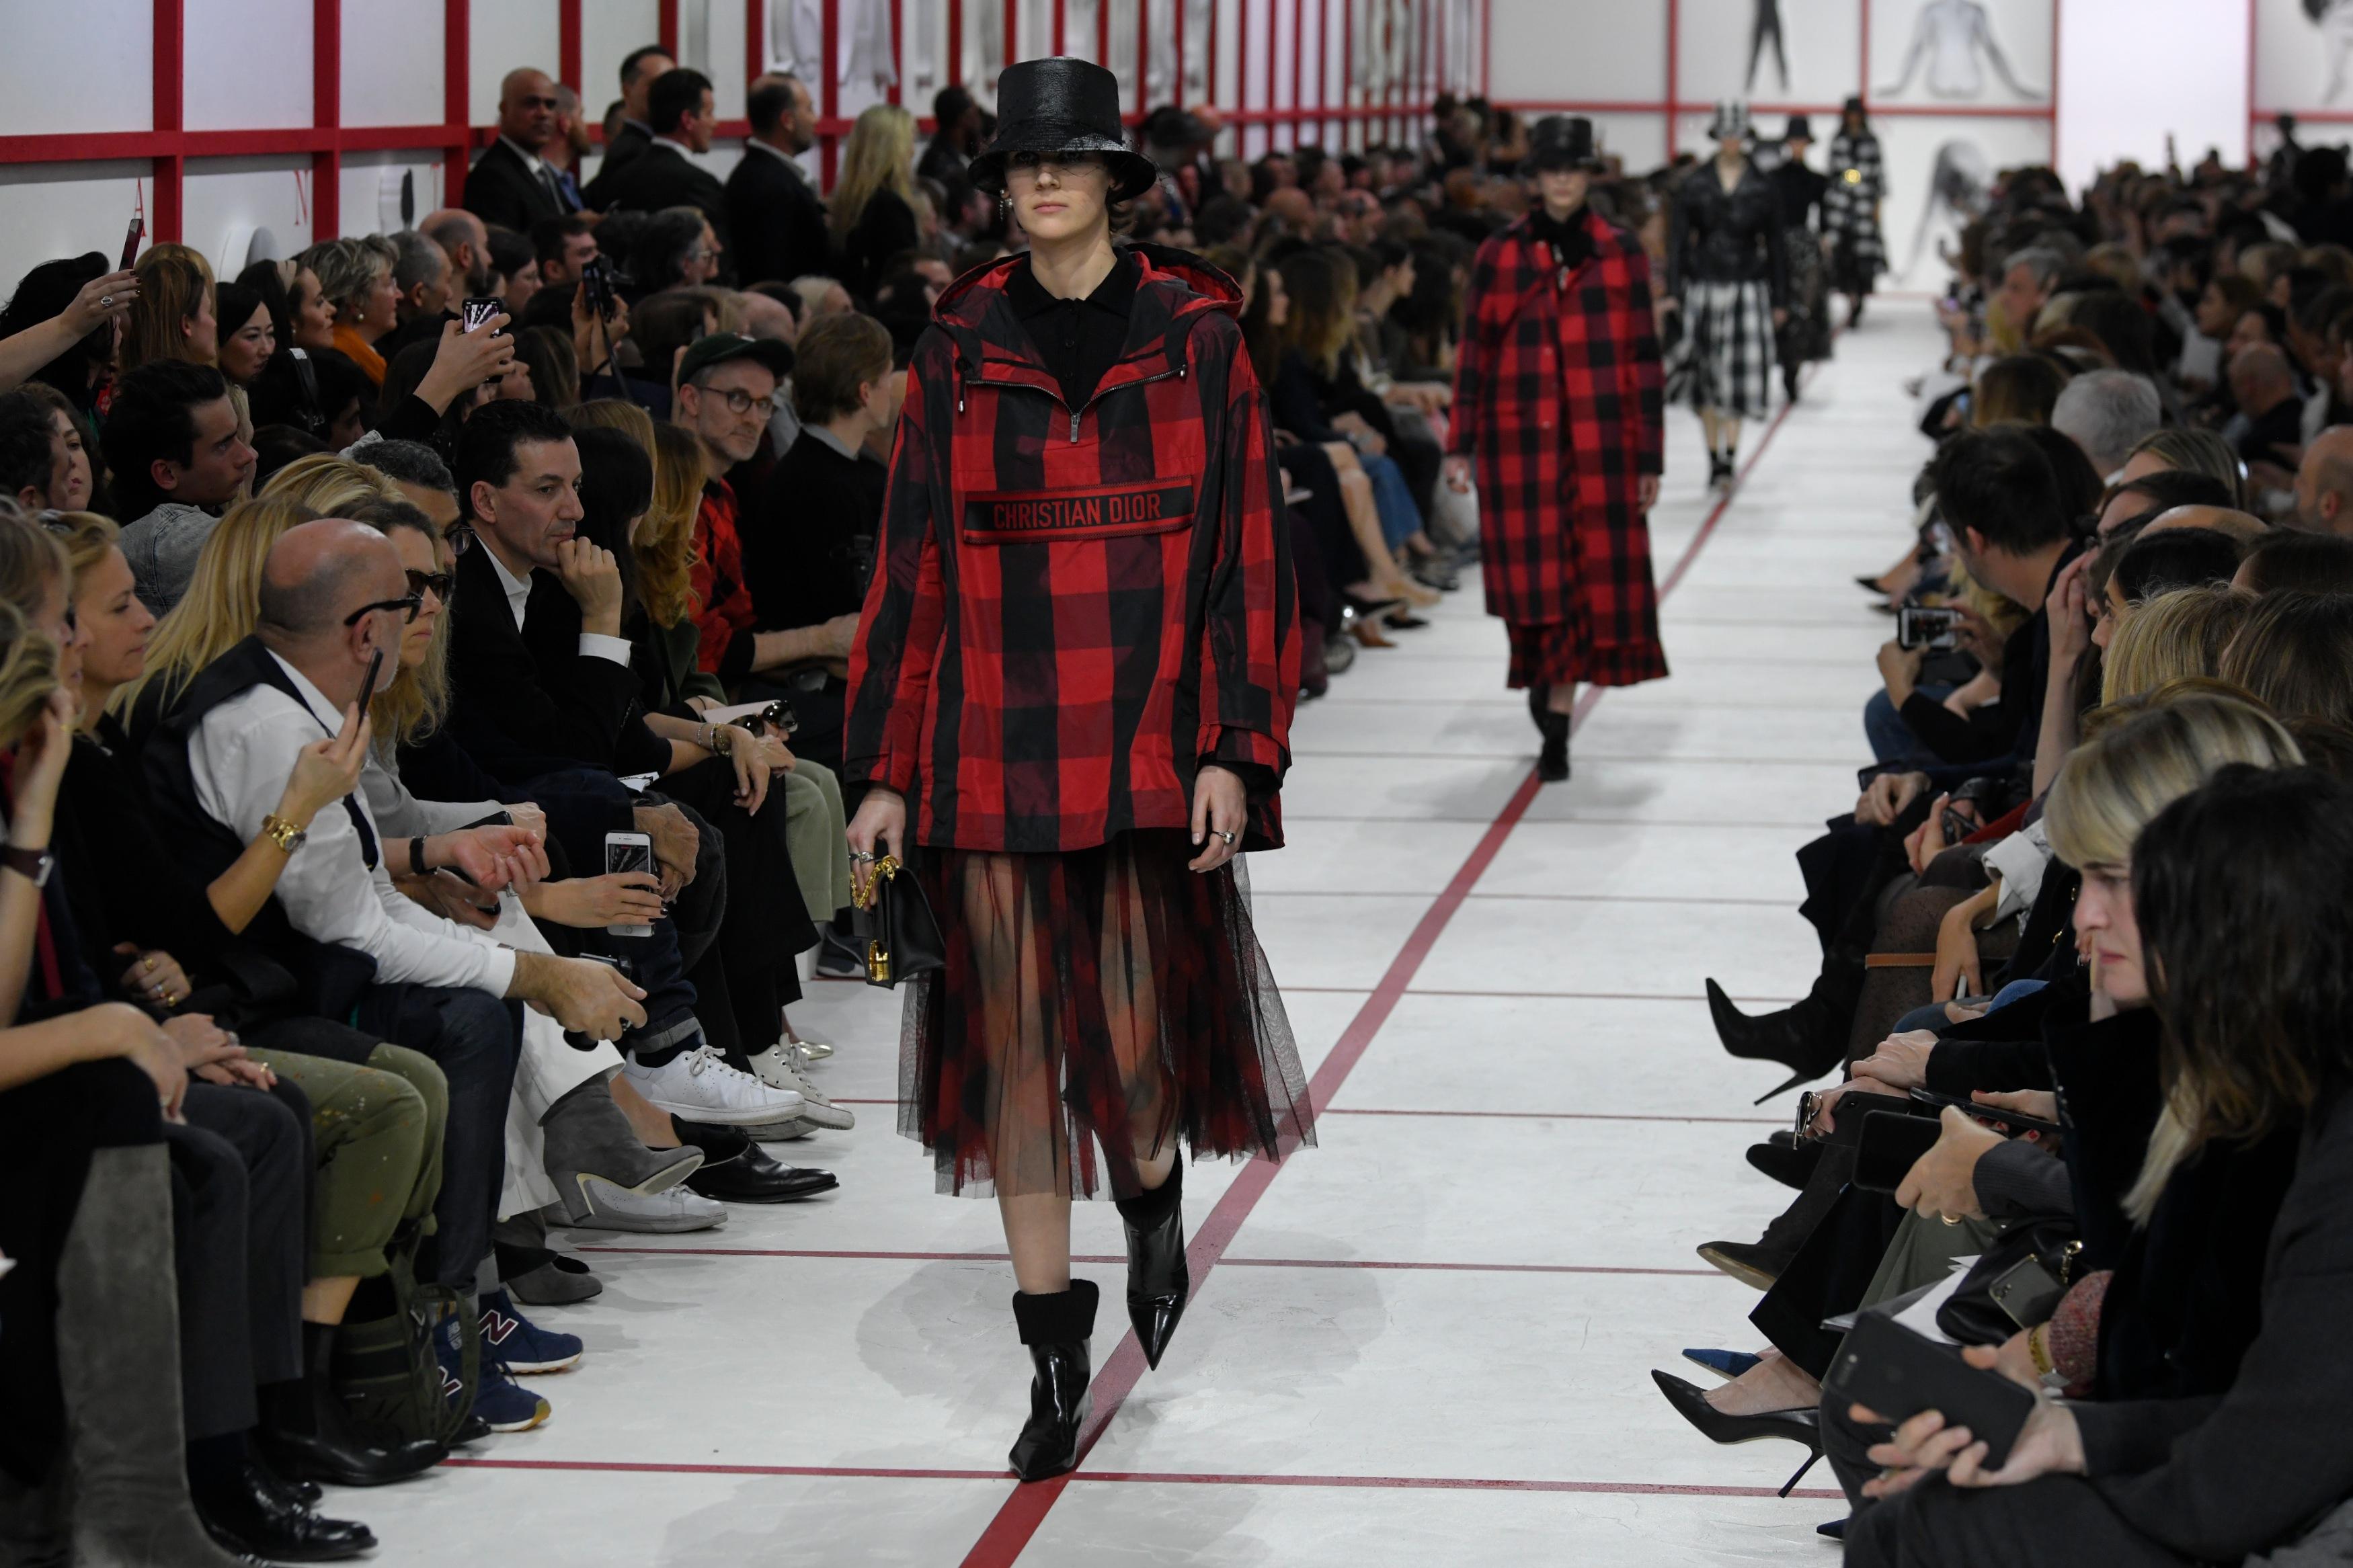 巴黎时装周:迪奥发布秋冬女装成衣新品